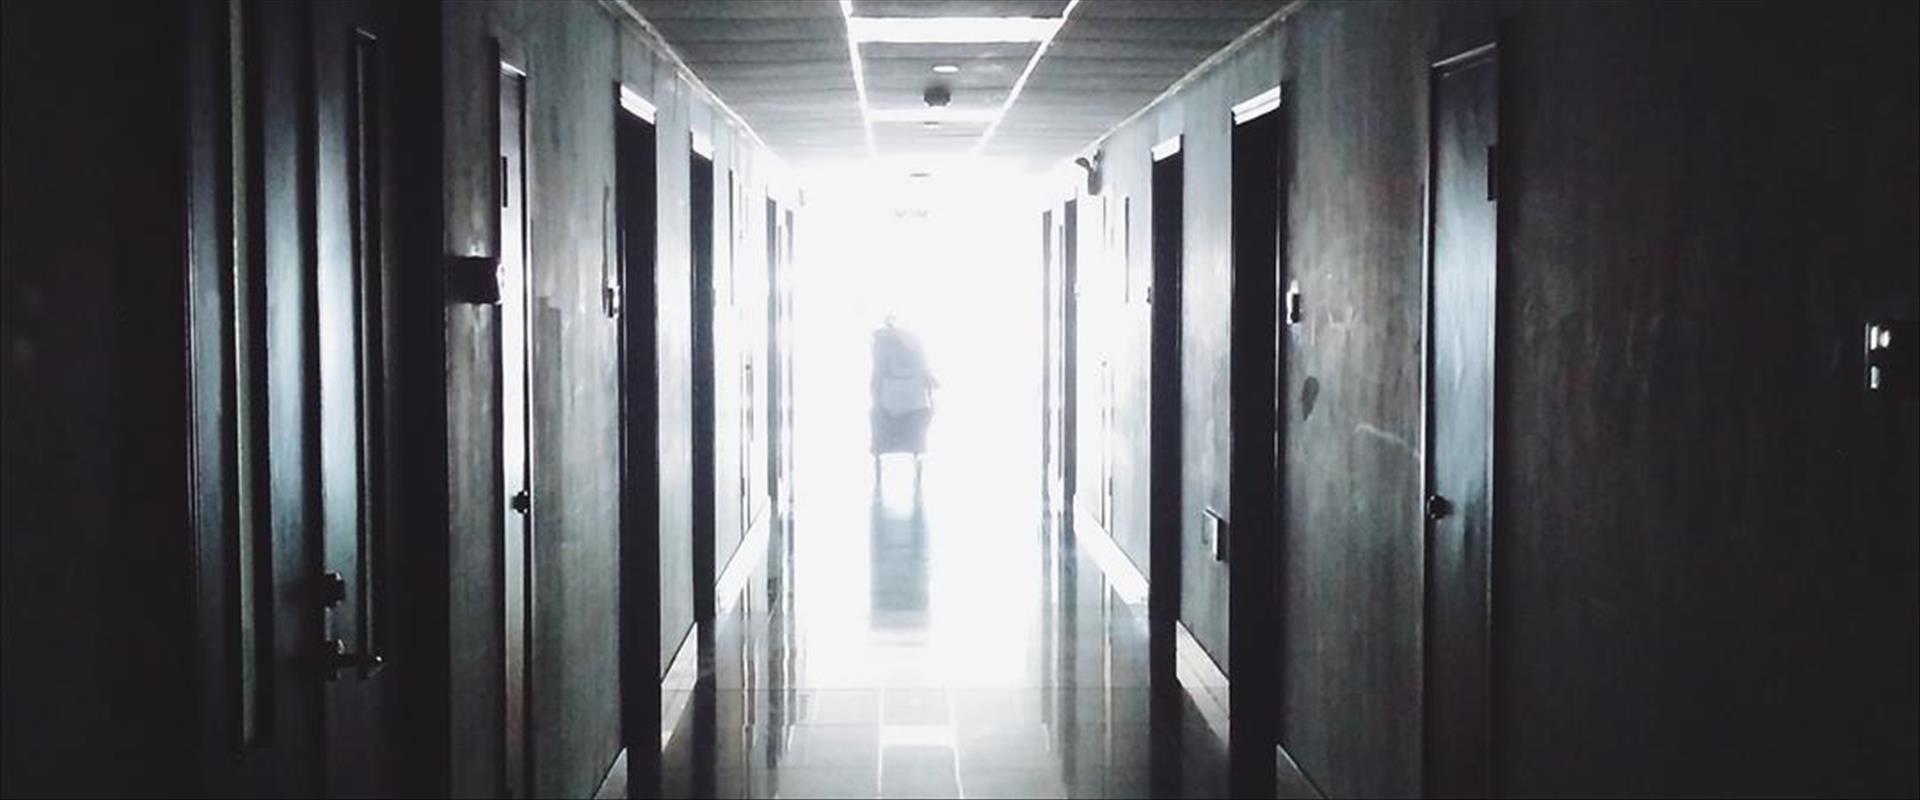 מחלקה בבית חולים פסיכיאטרי